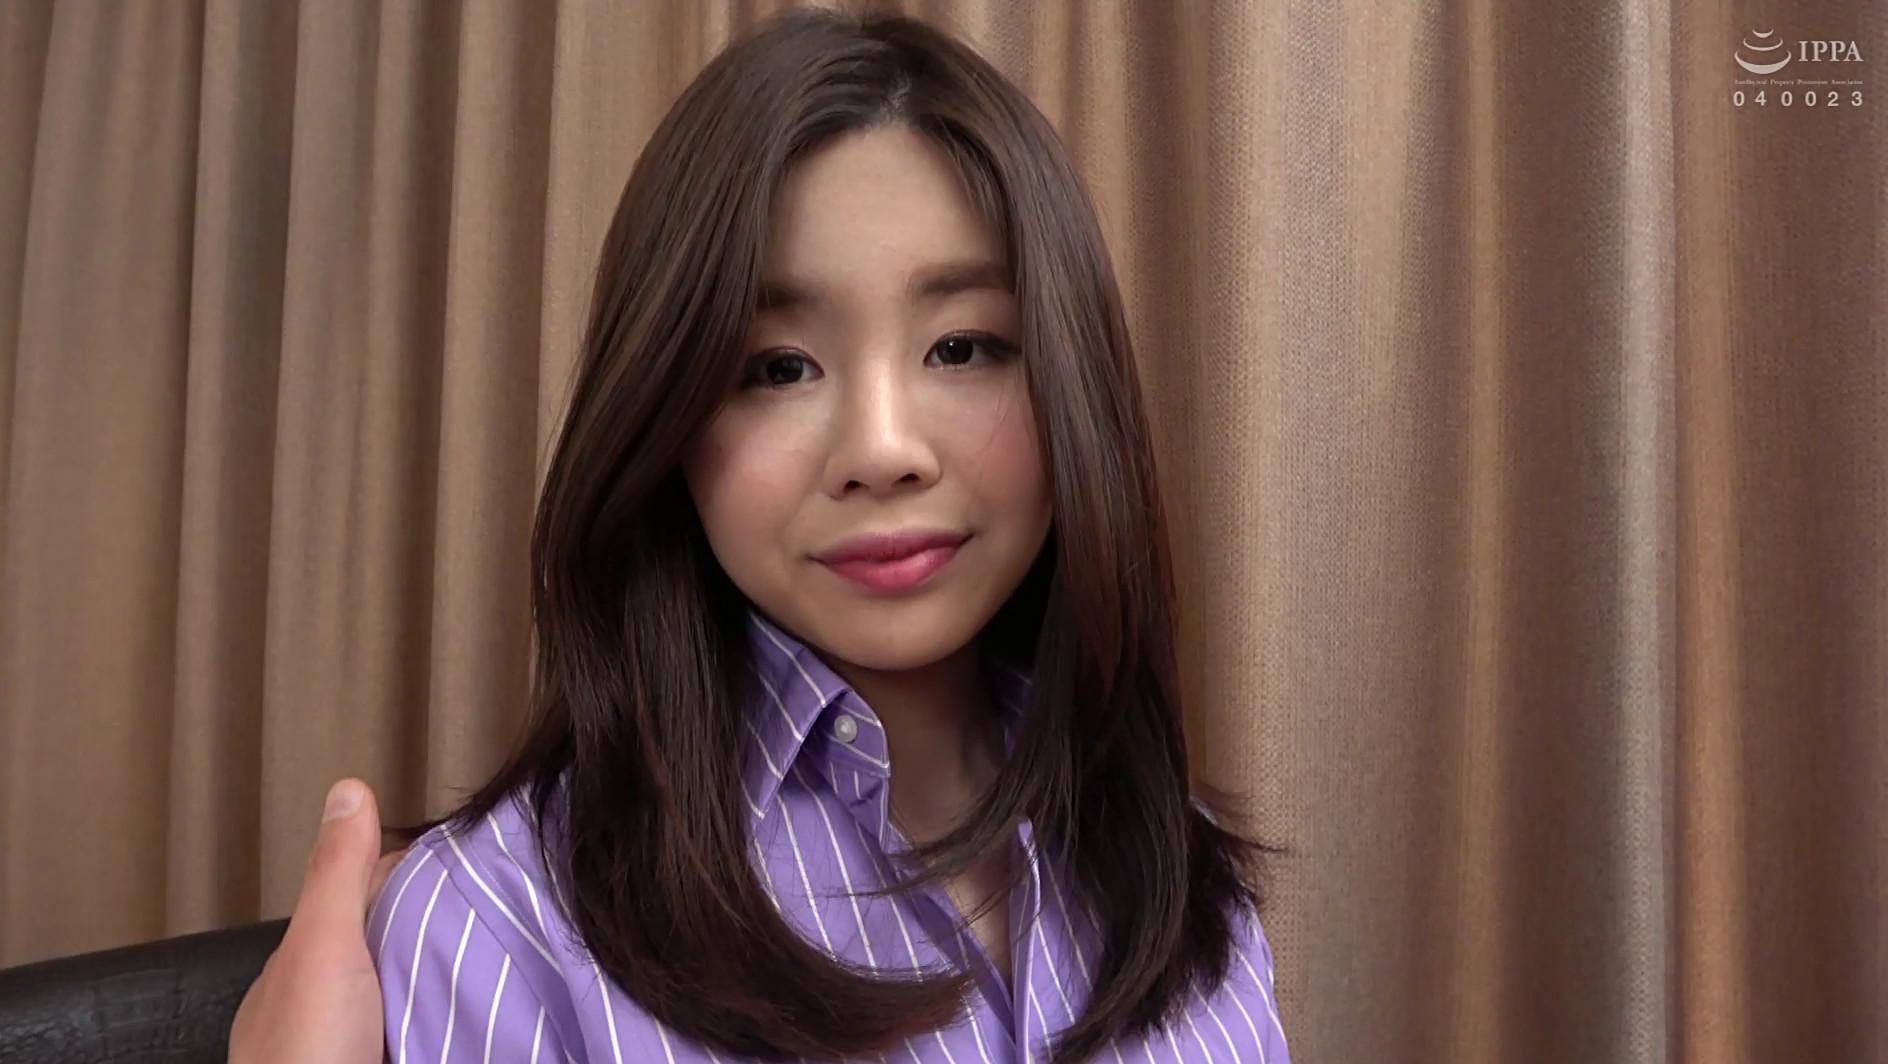 国際セックスへの執念!奇跡的にSNSで知り合った神話級韓流娘と韓国で待ち合わせてオフパコ!韓国現地女子シアちゃん&ジンちゃんのセックスがスゴい・・・ 画像12